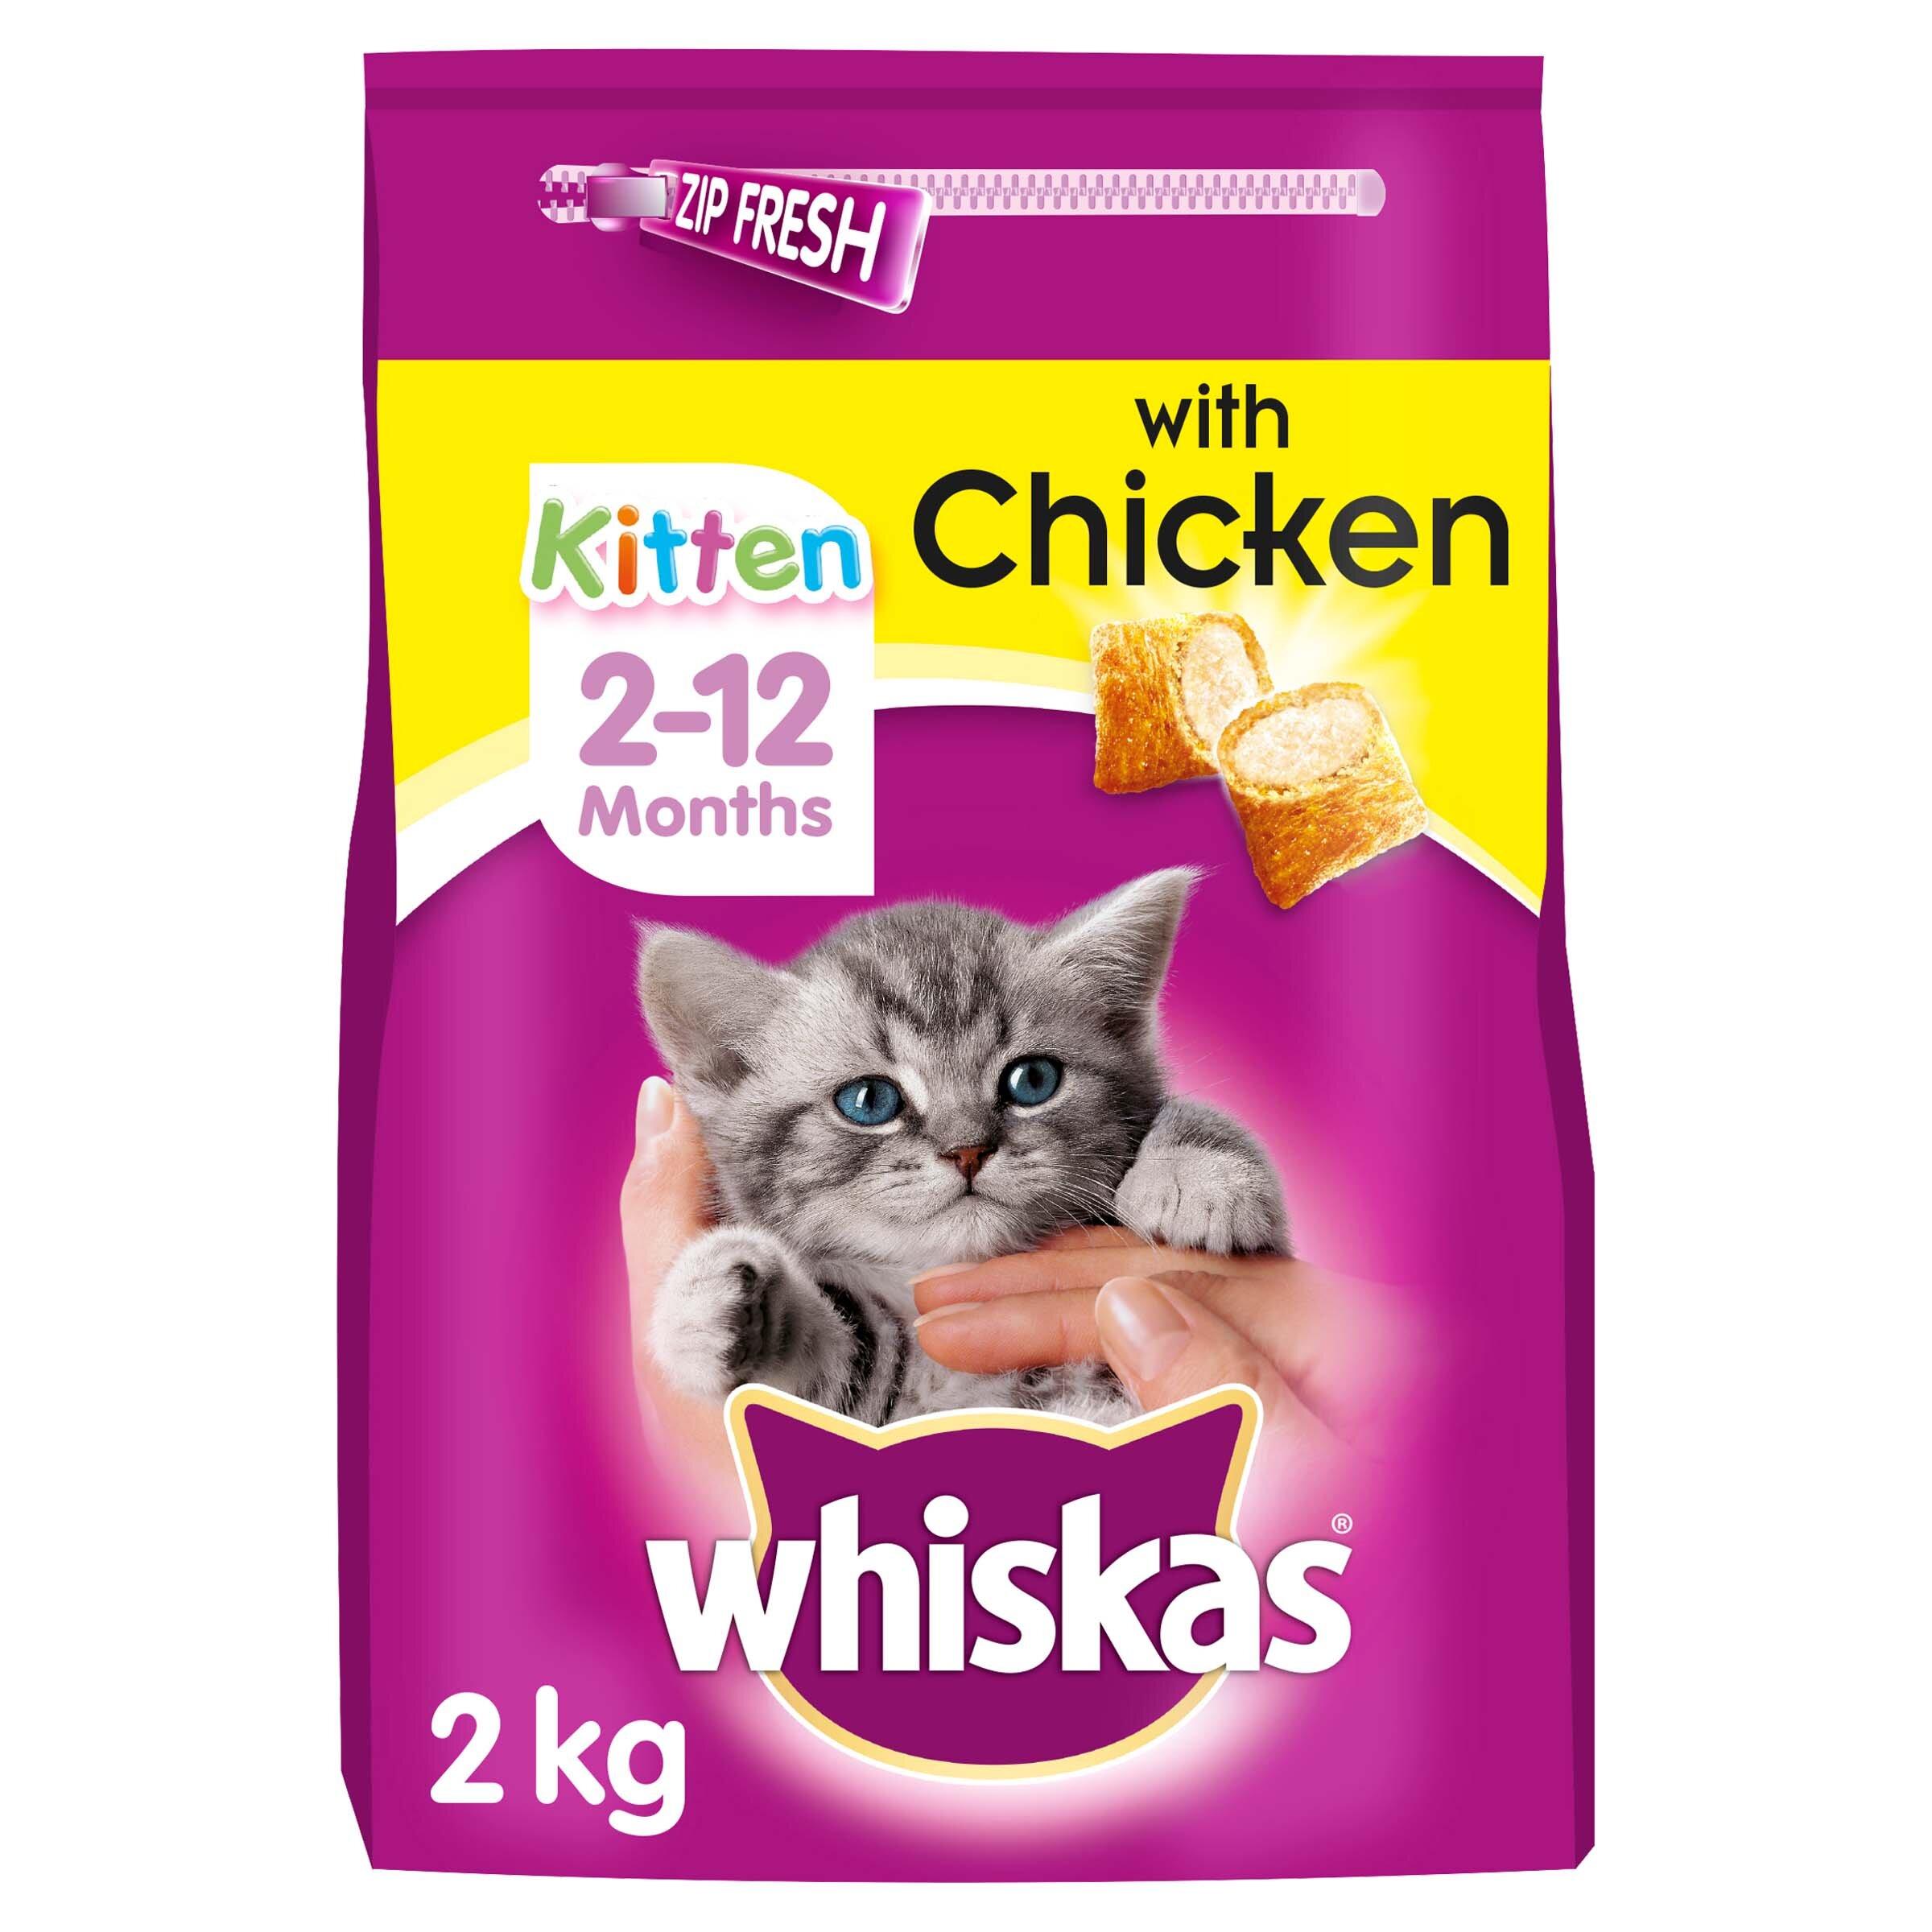 Whiskas Dry 2-12 Month Chicken Kitten Food 2kg